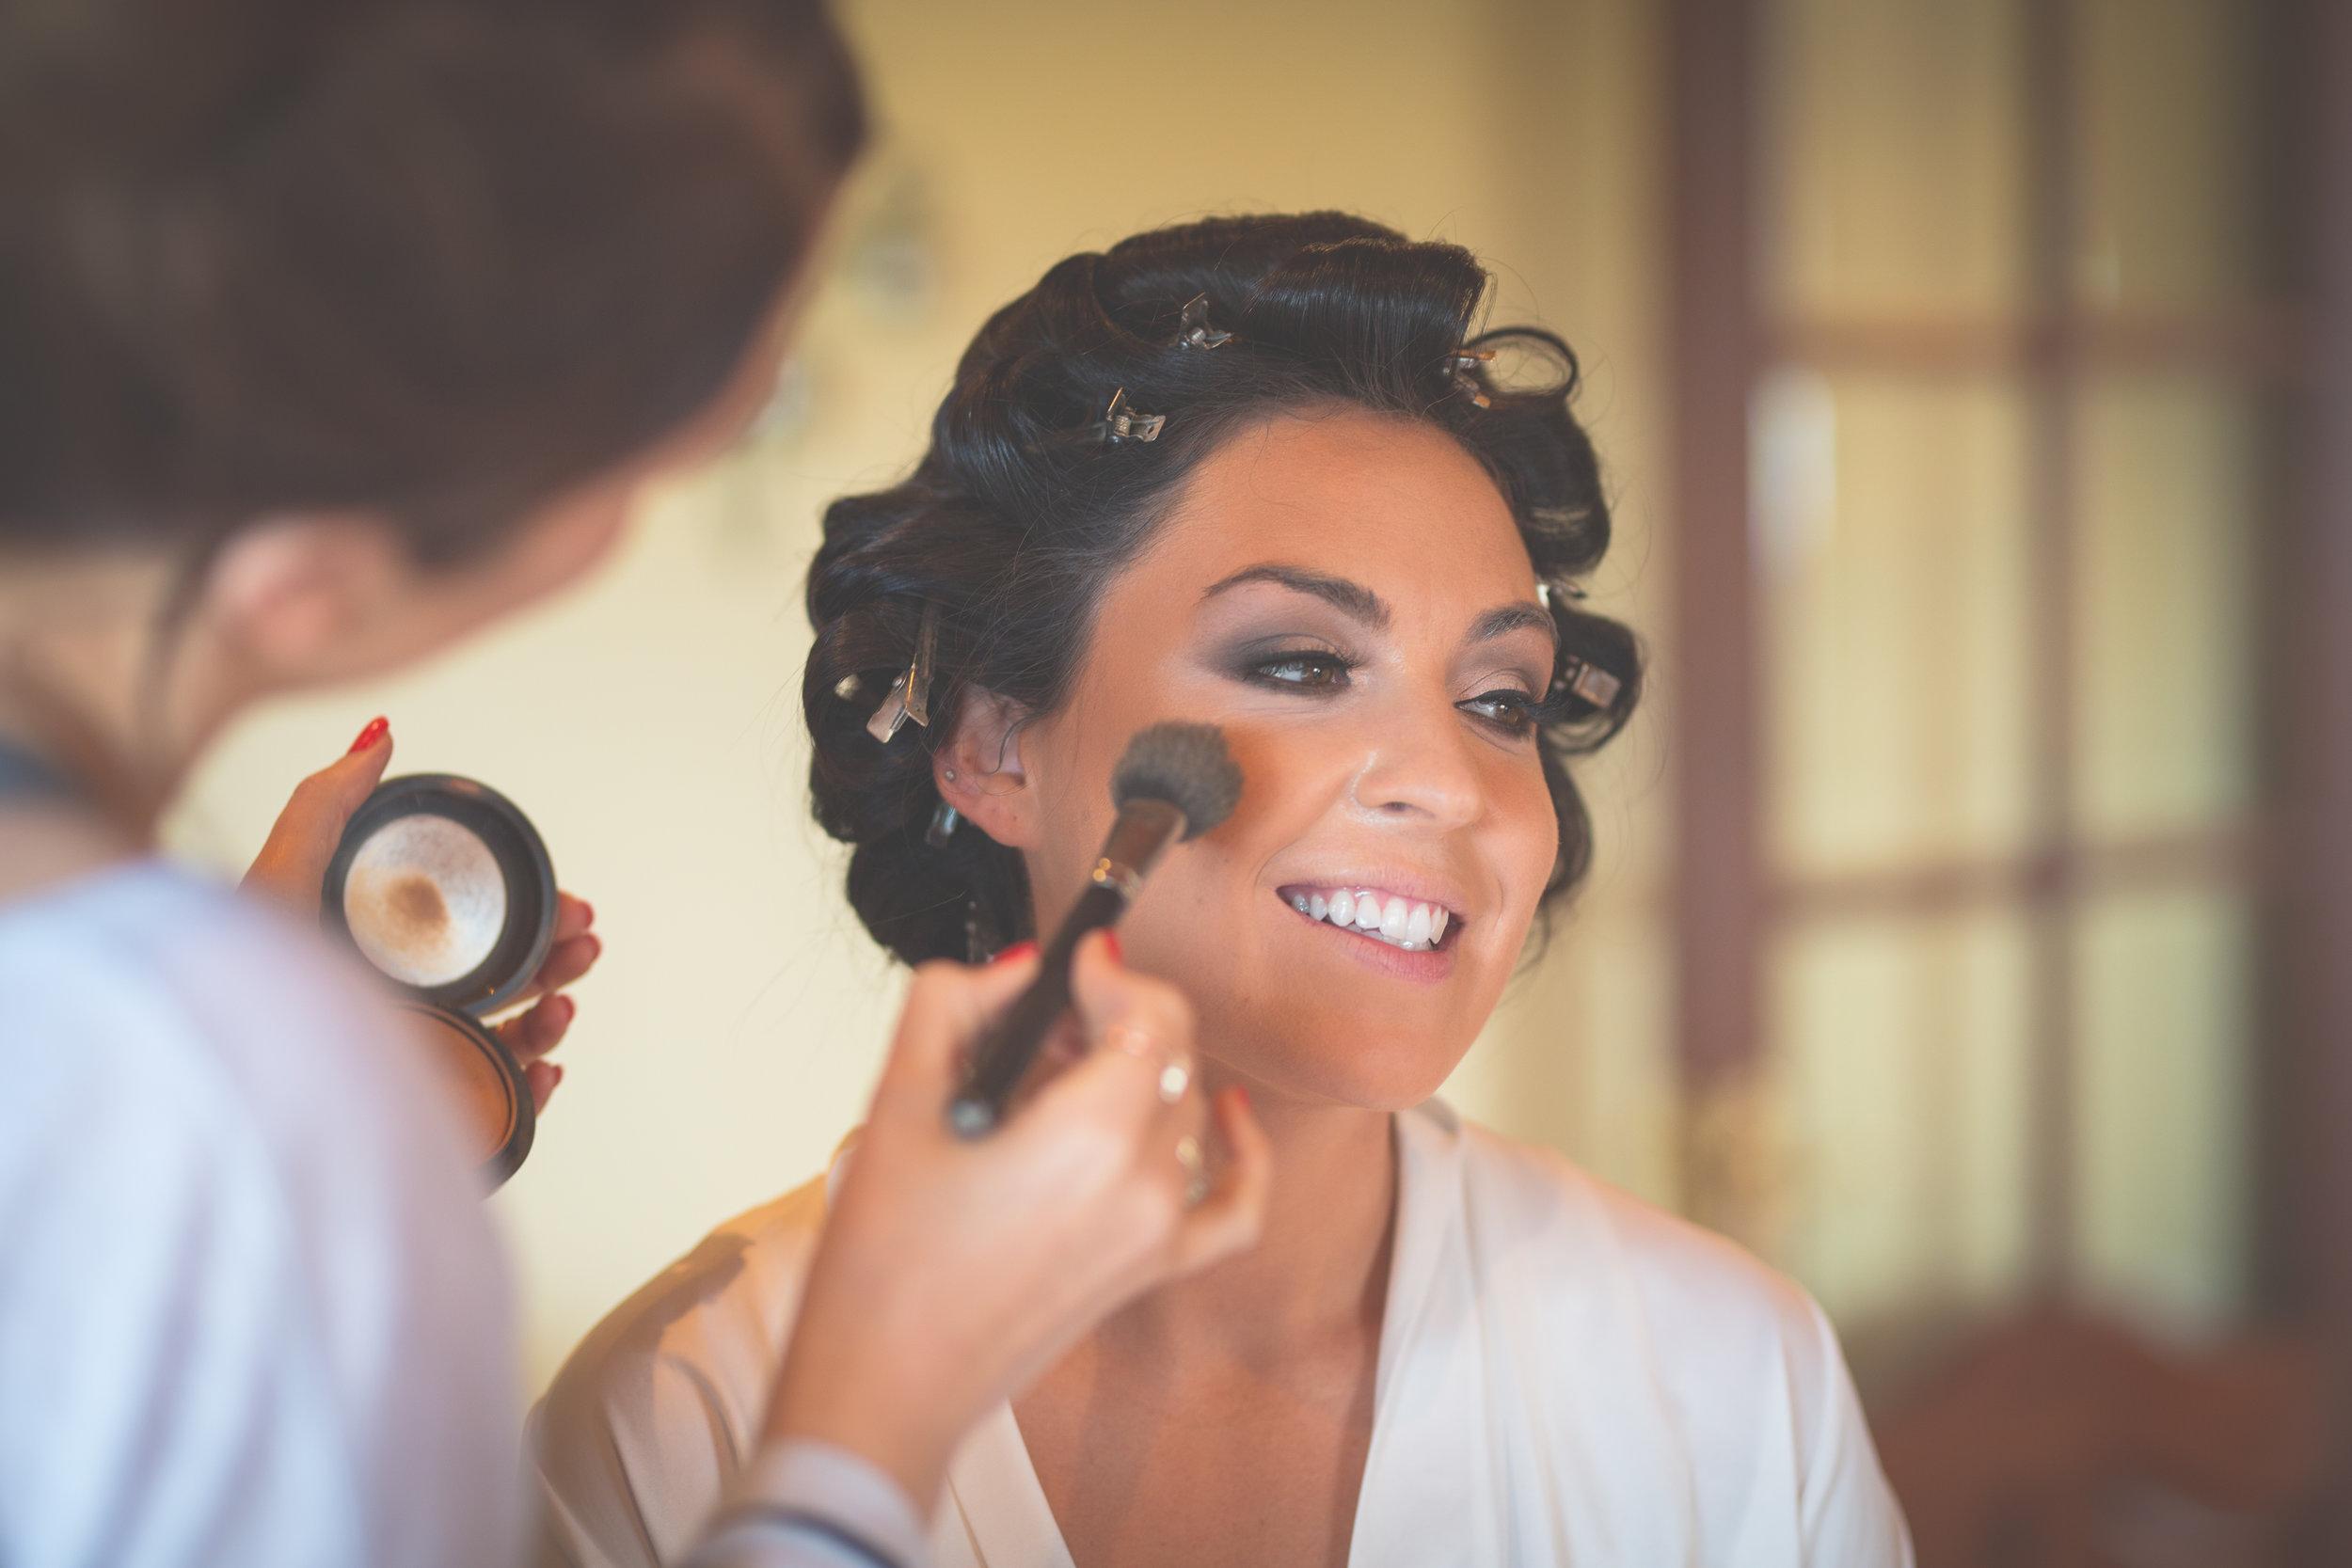 Brian McEwan Wedding Photography | Carol-Anne & Sean | Bridal Preparations-107.jpg